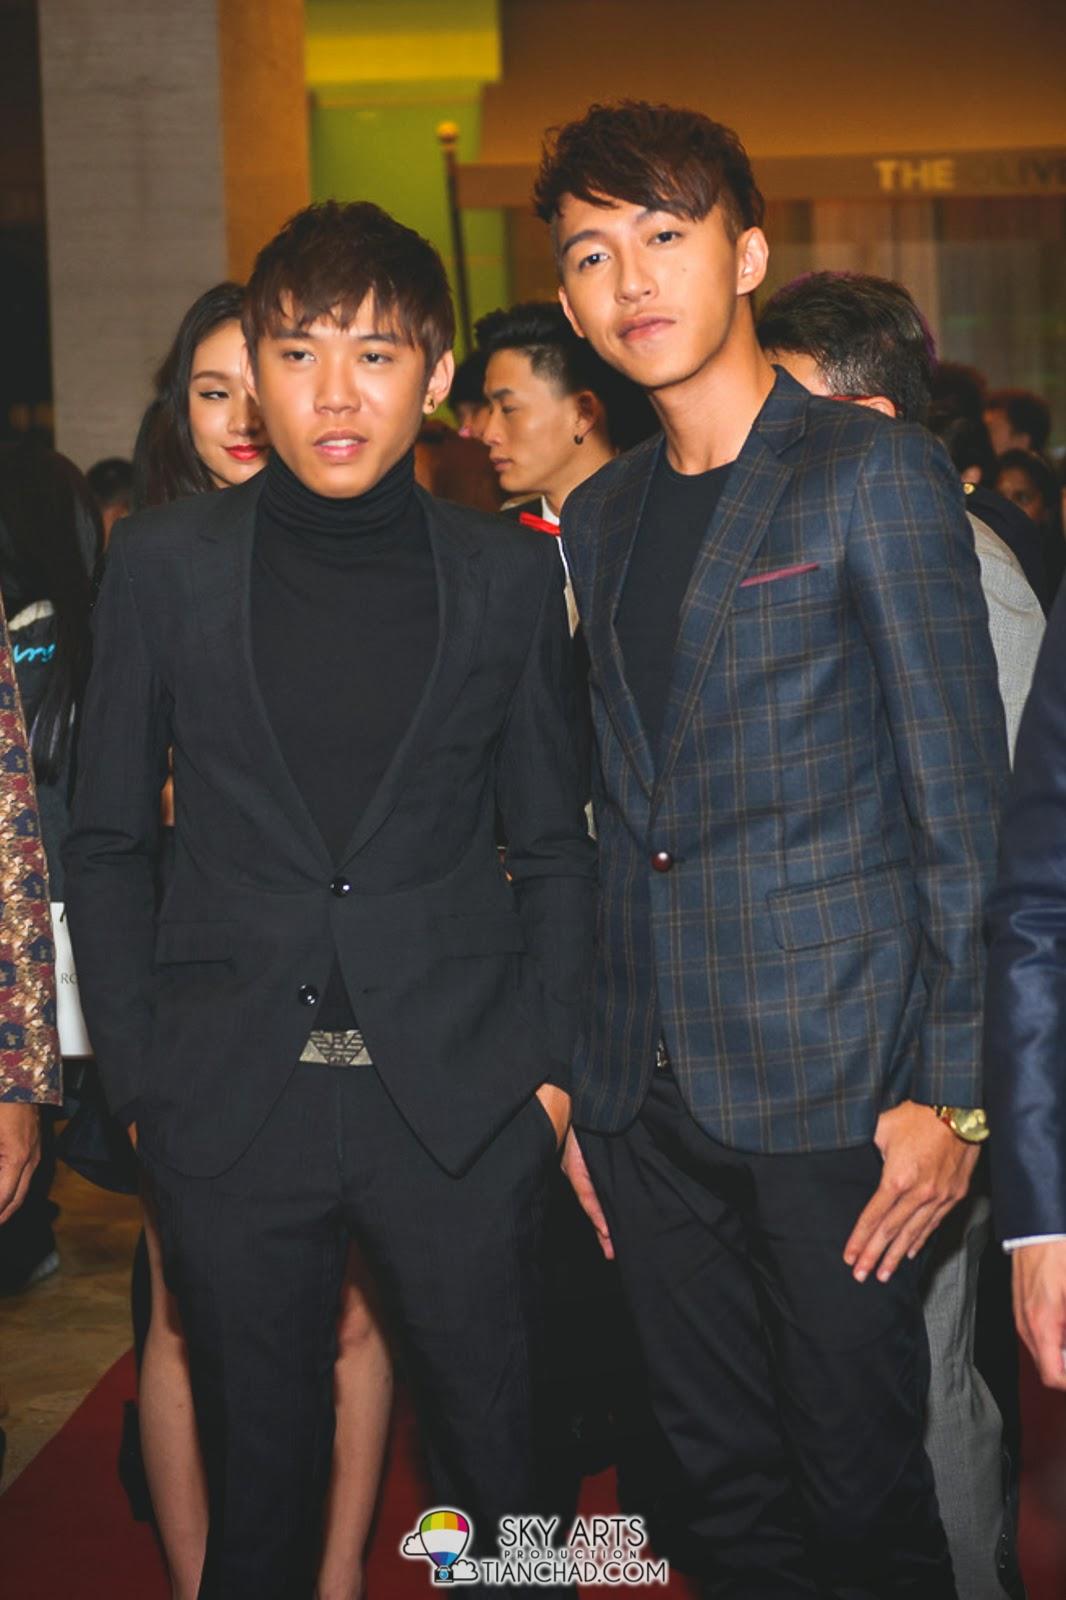 Wang Wei Liang 王伟良 and Tosh Zhang 张智扬